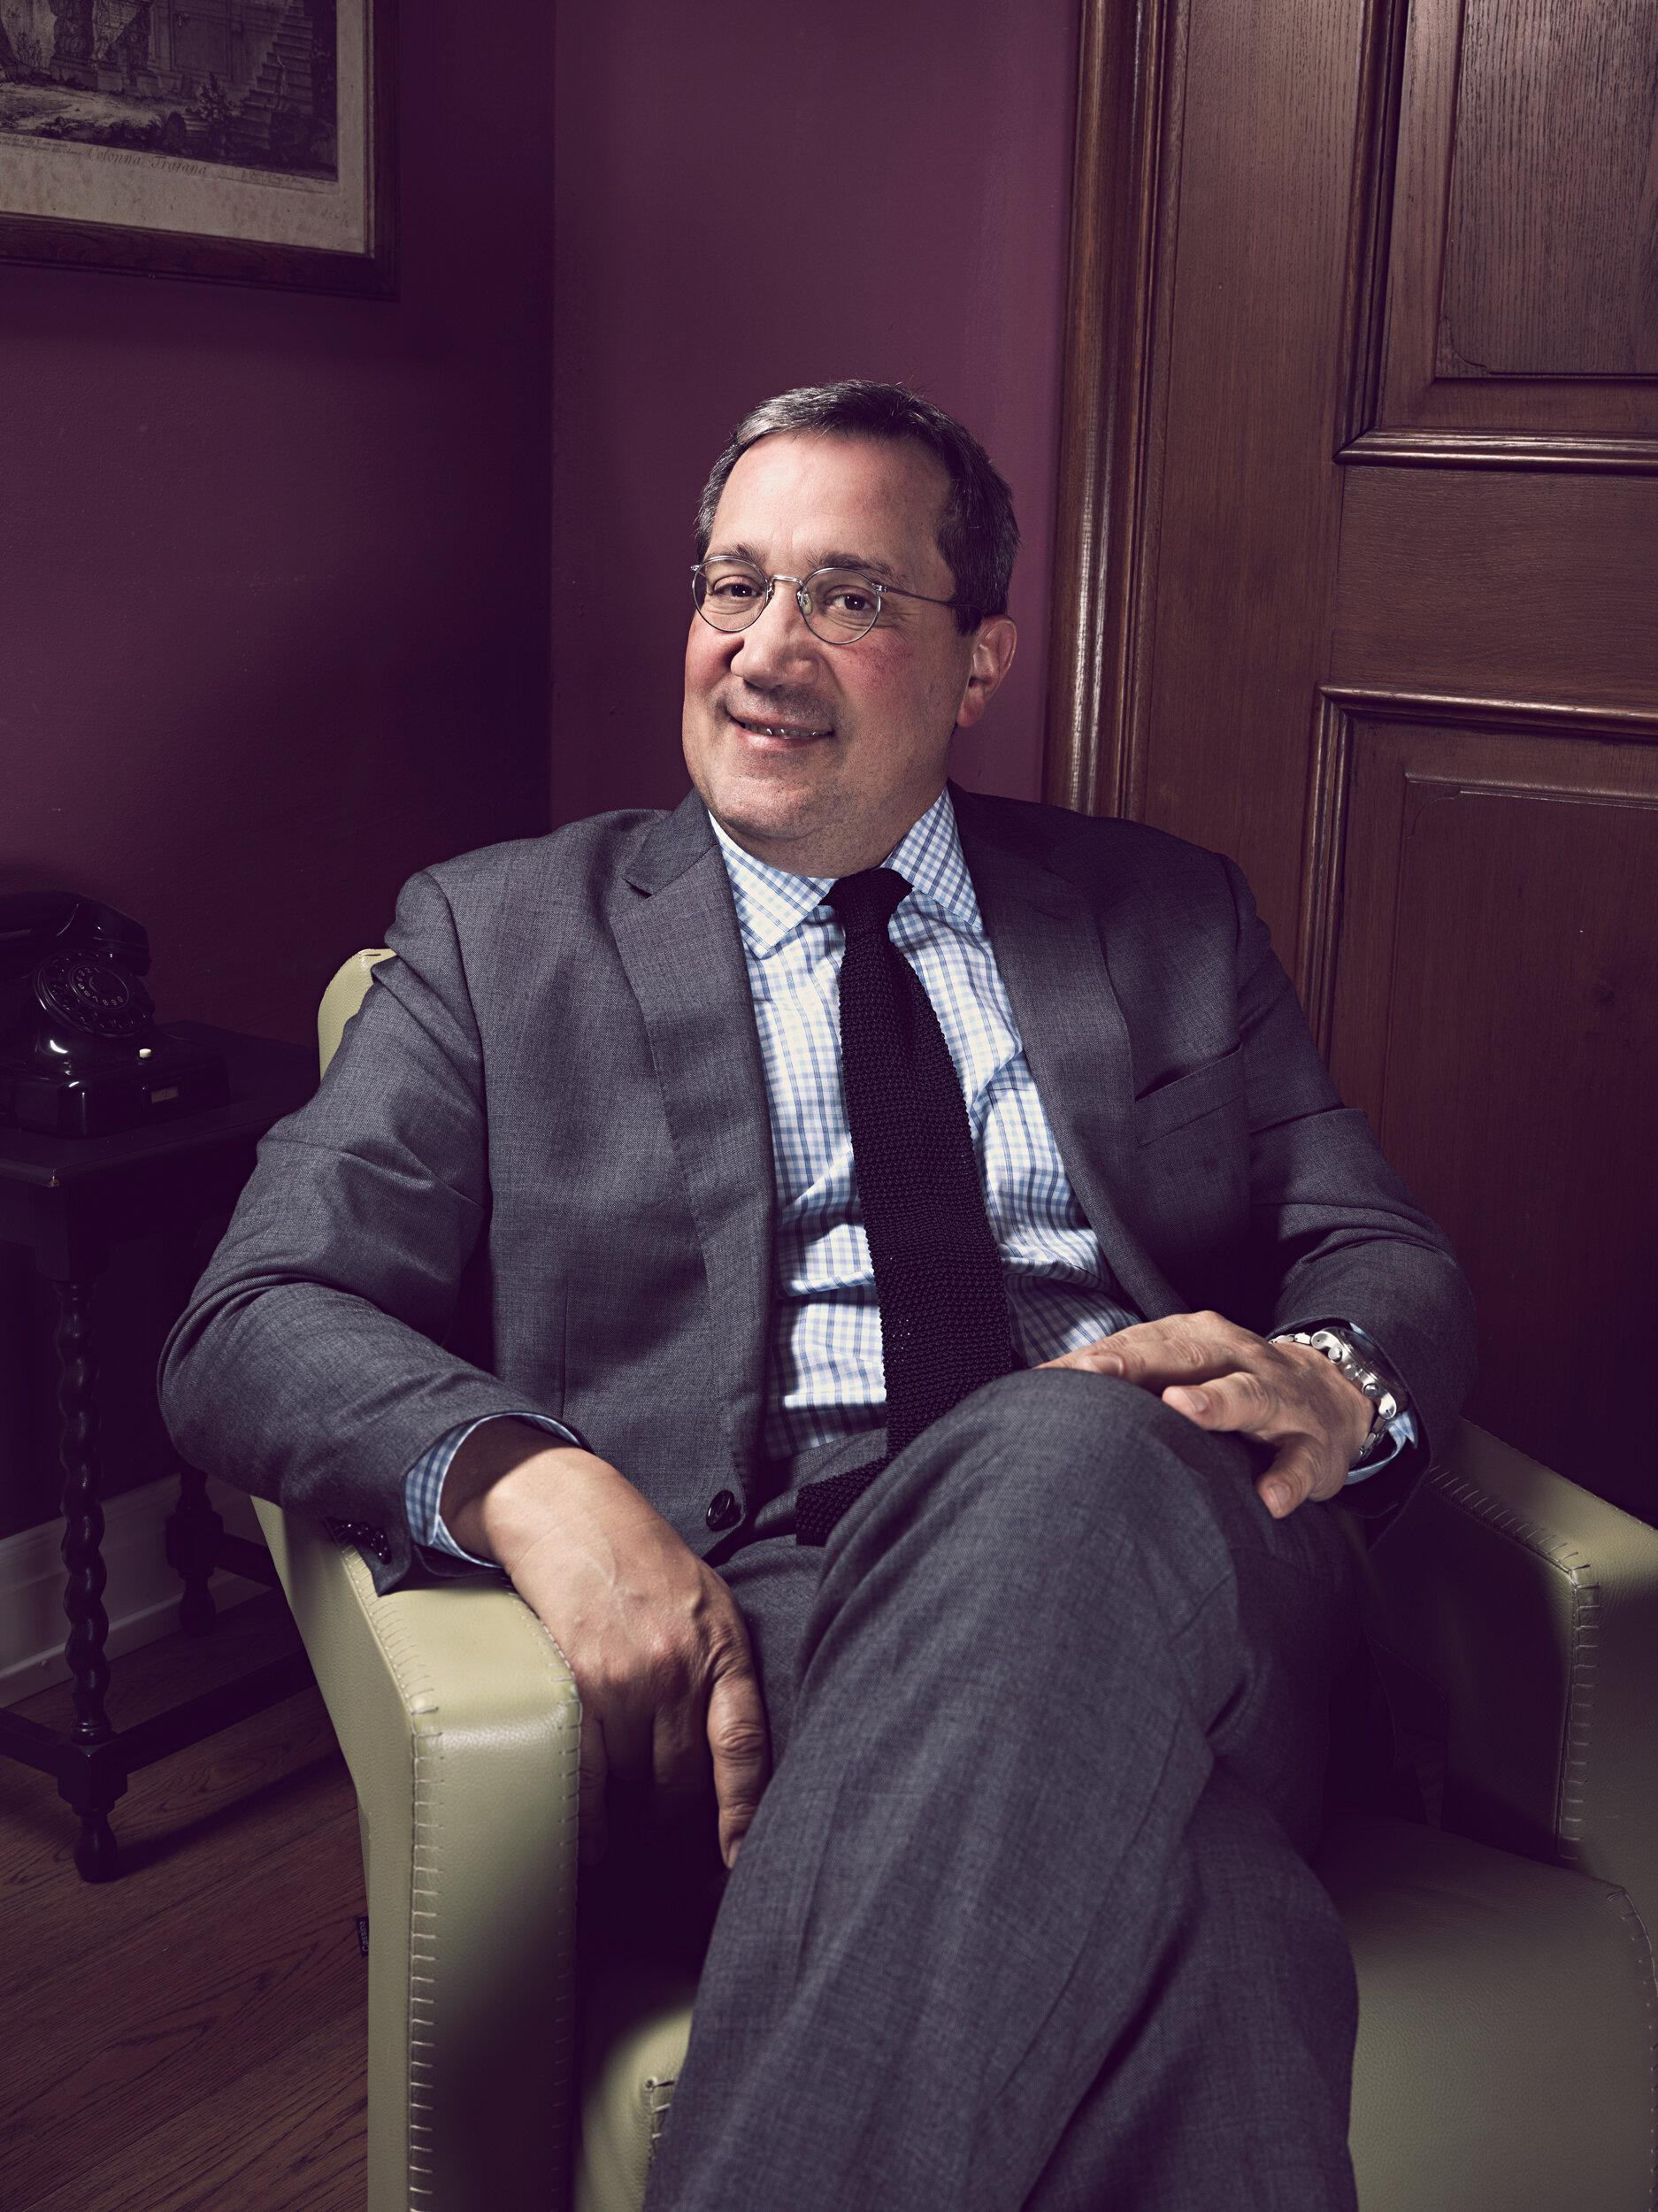 Tony Fratto